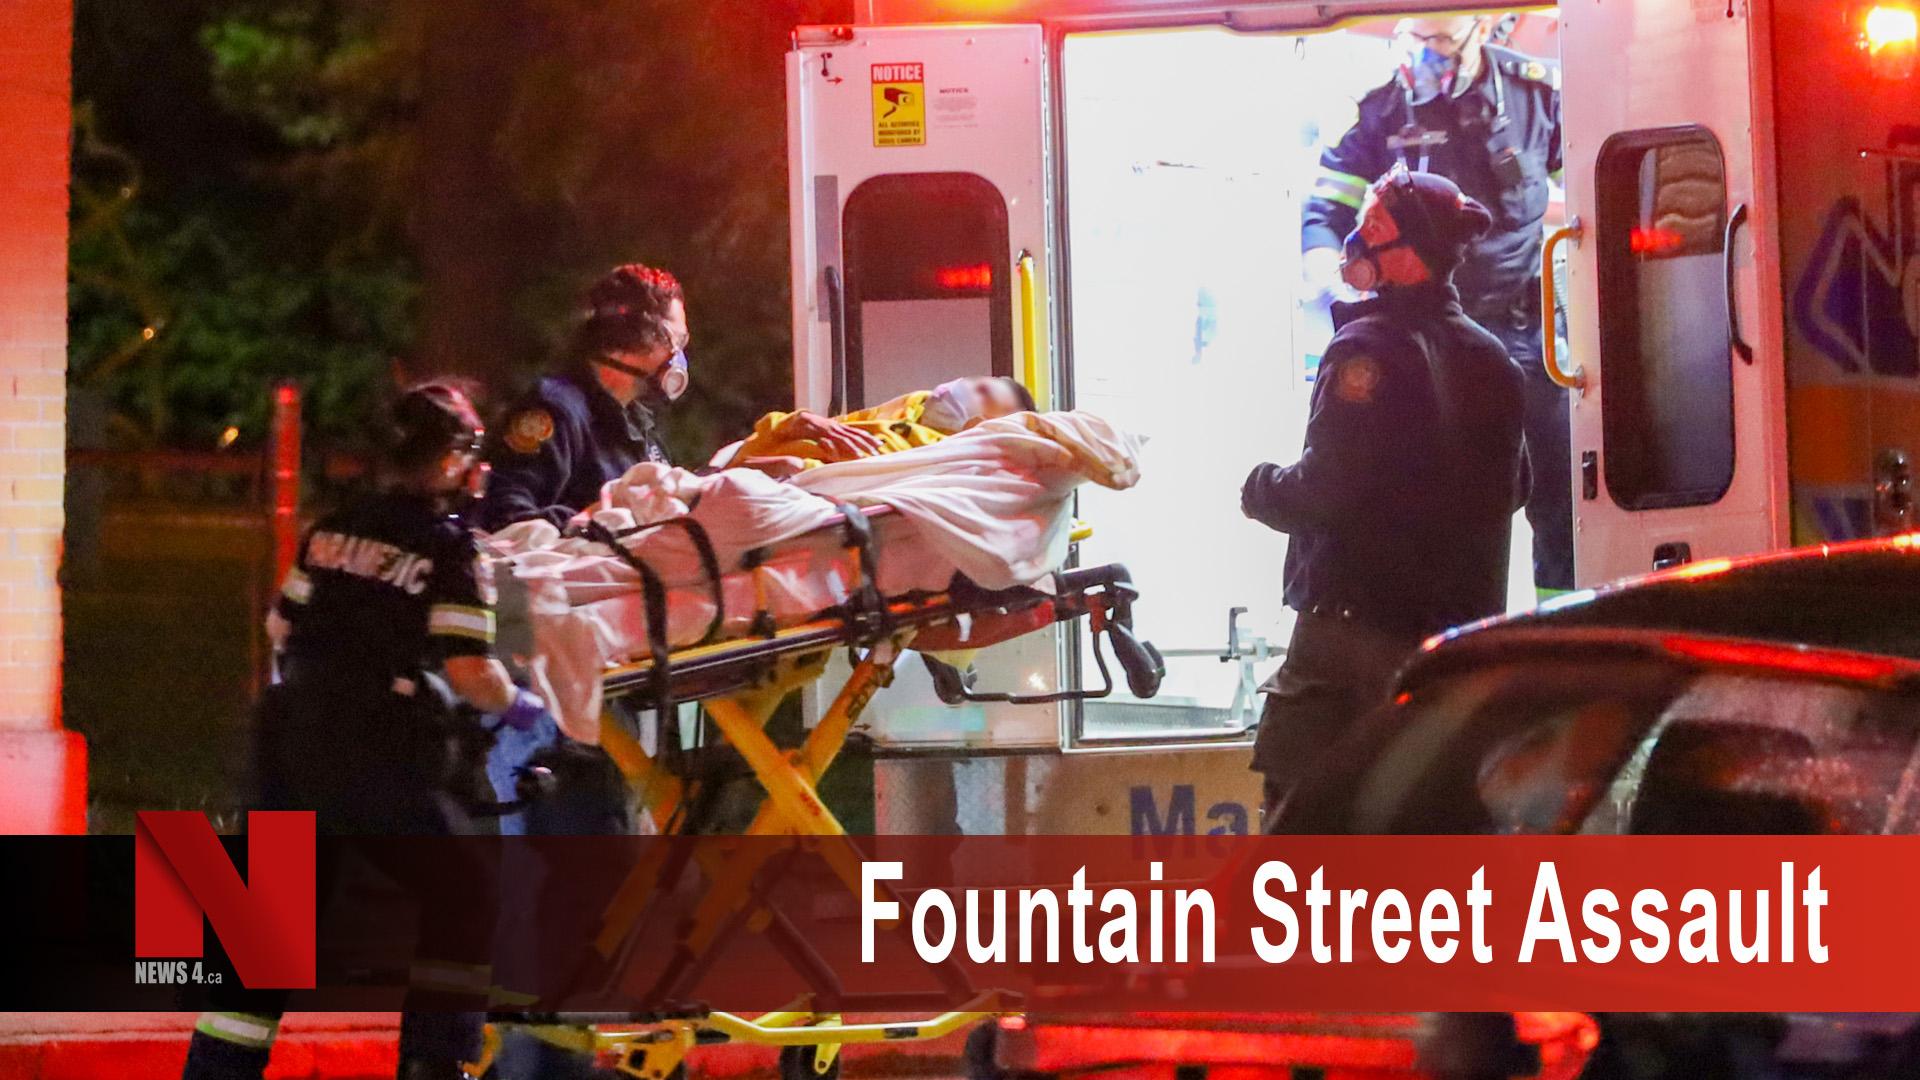 Fountain Street Assault